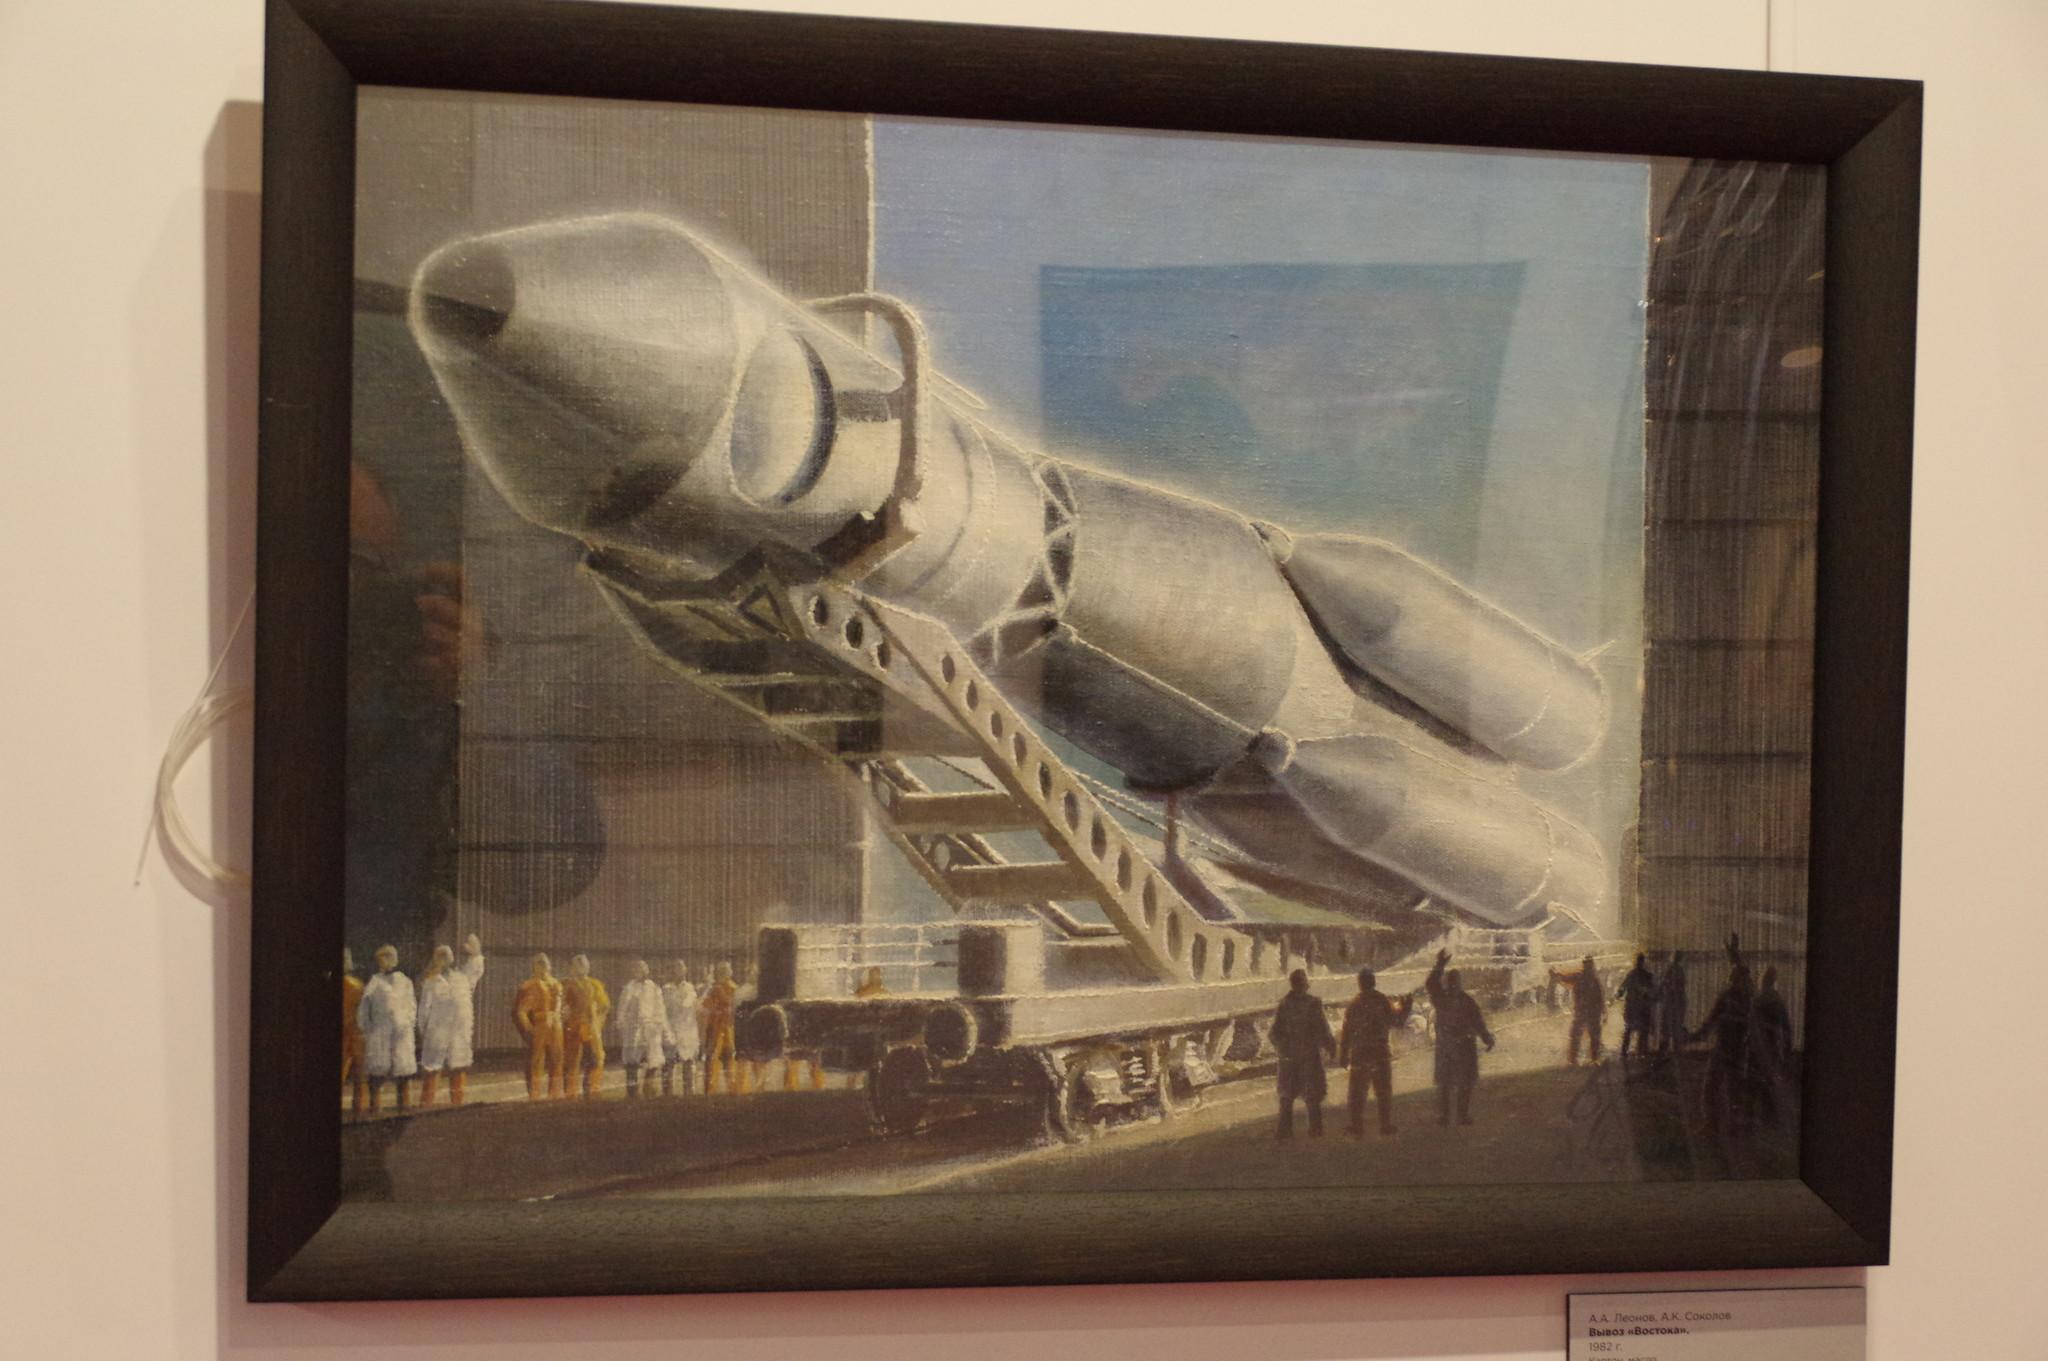 Вывоз «Востока». А.А. Леонов, А.К. Соколов. 1982 г. Мемориальный музей космонавтики (Проспект мира, дом 111)